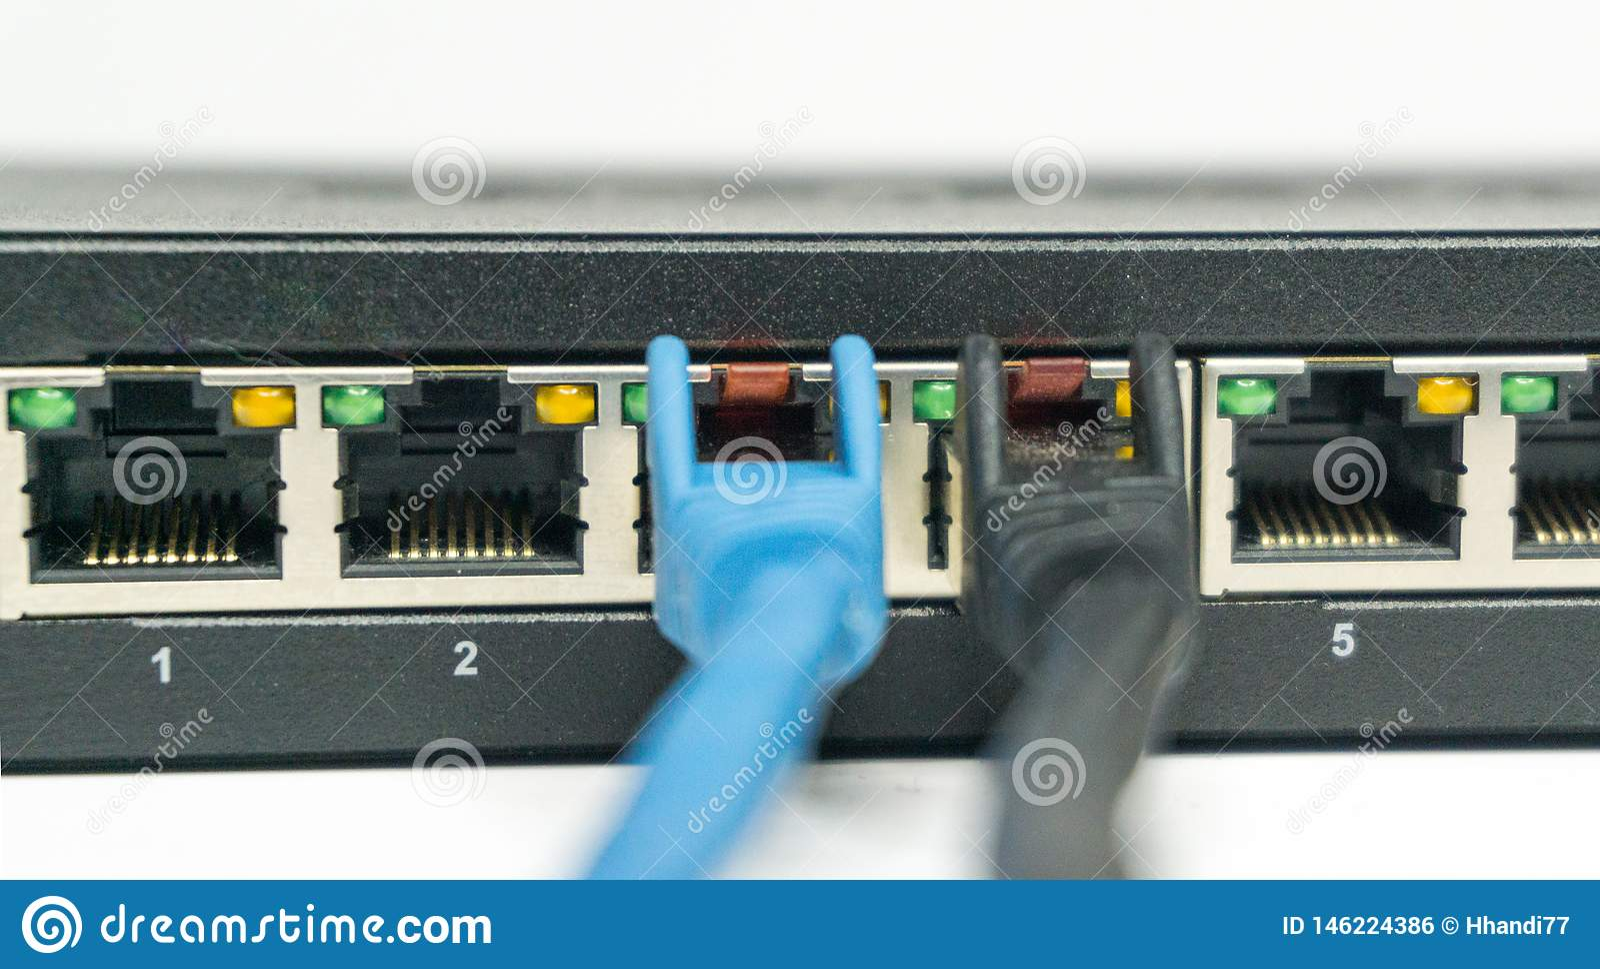 Câble de réseau et ports d un commutateur